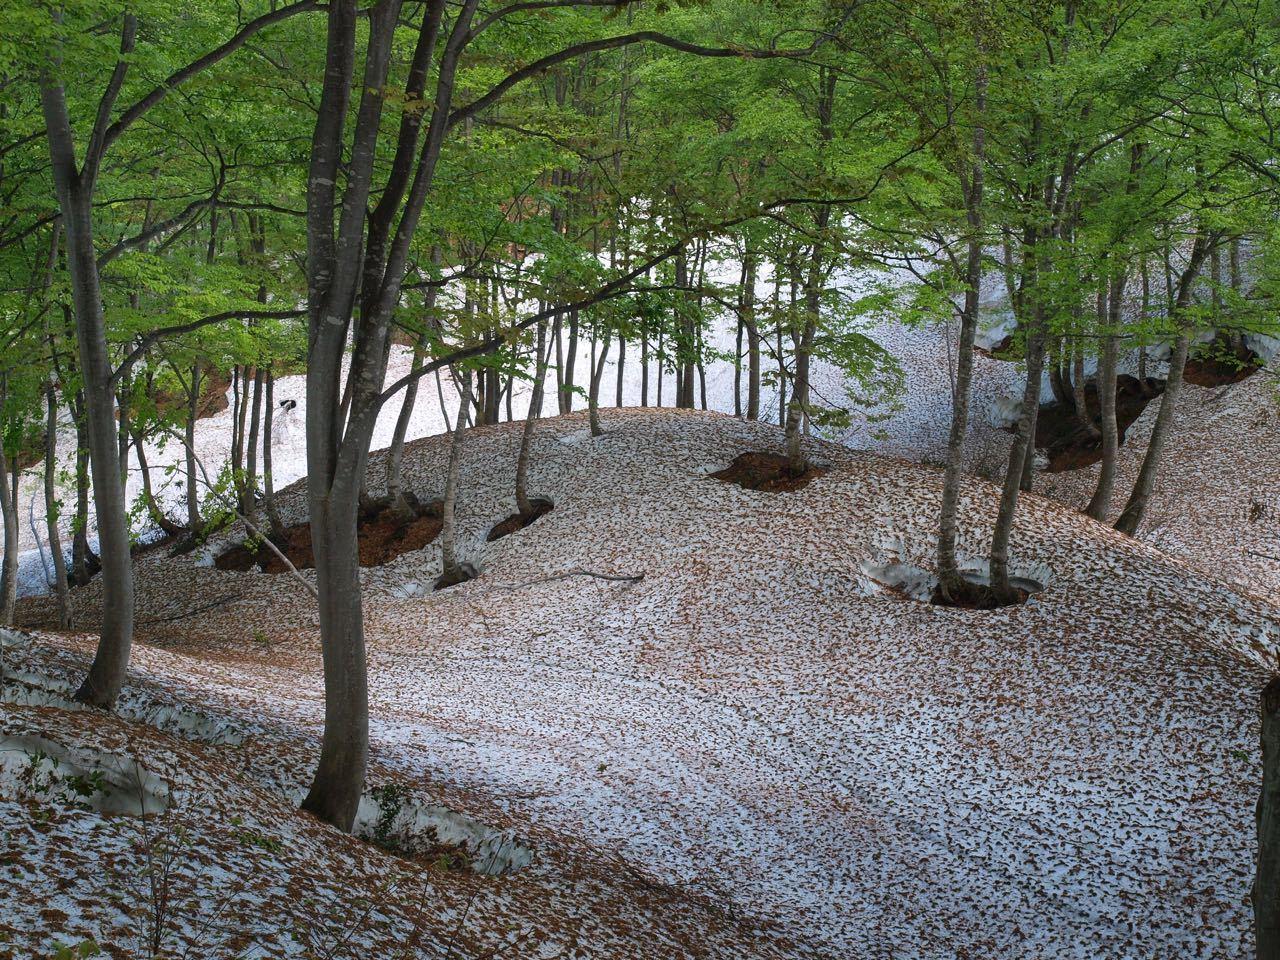 高原のブナの森_a0025576_08092301.jpg